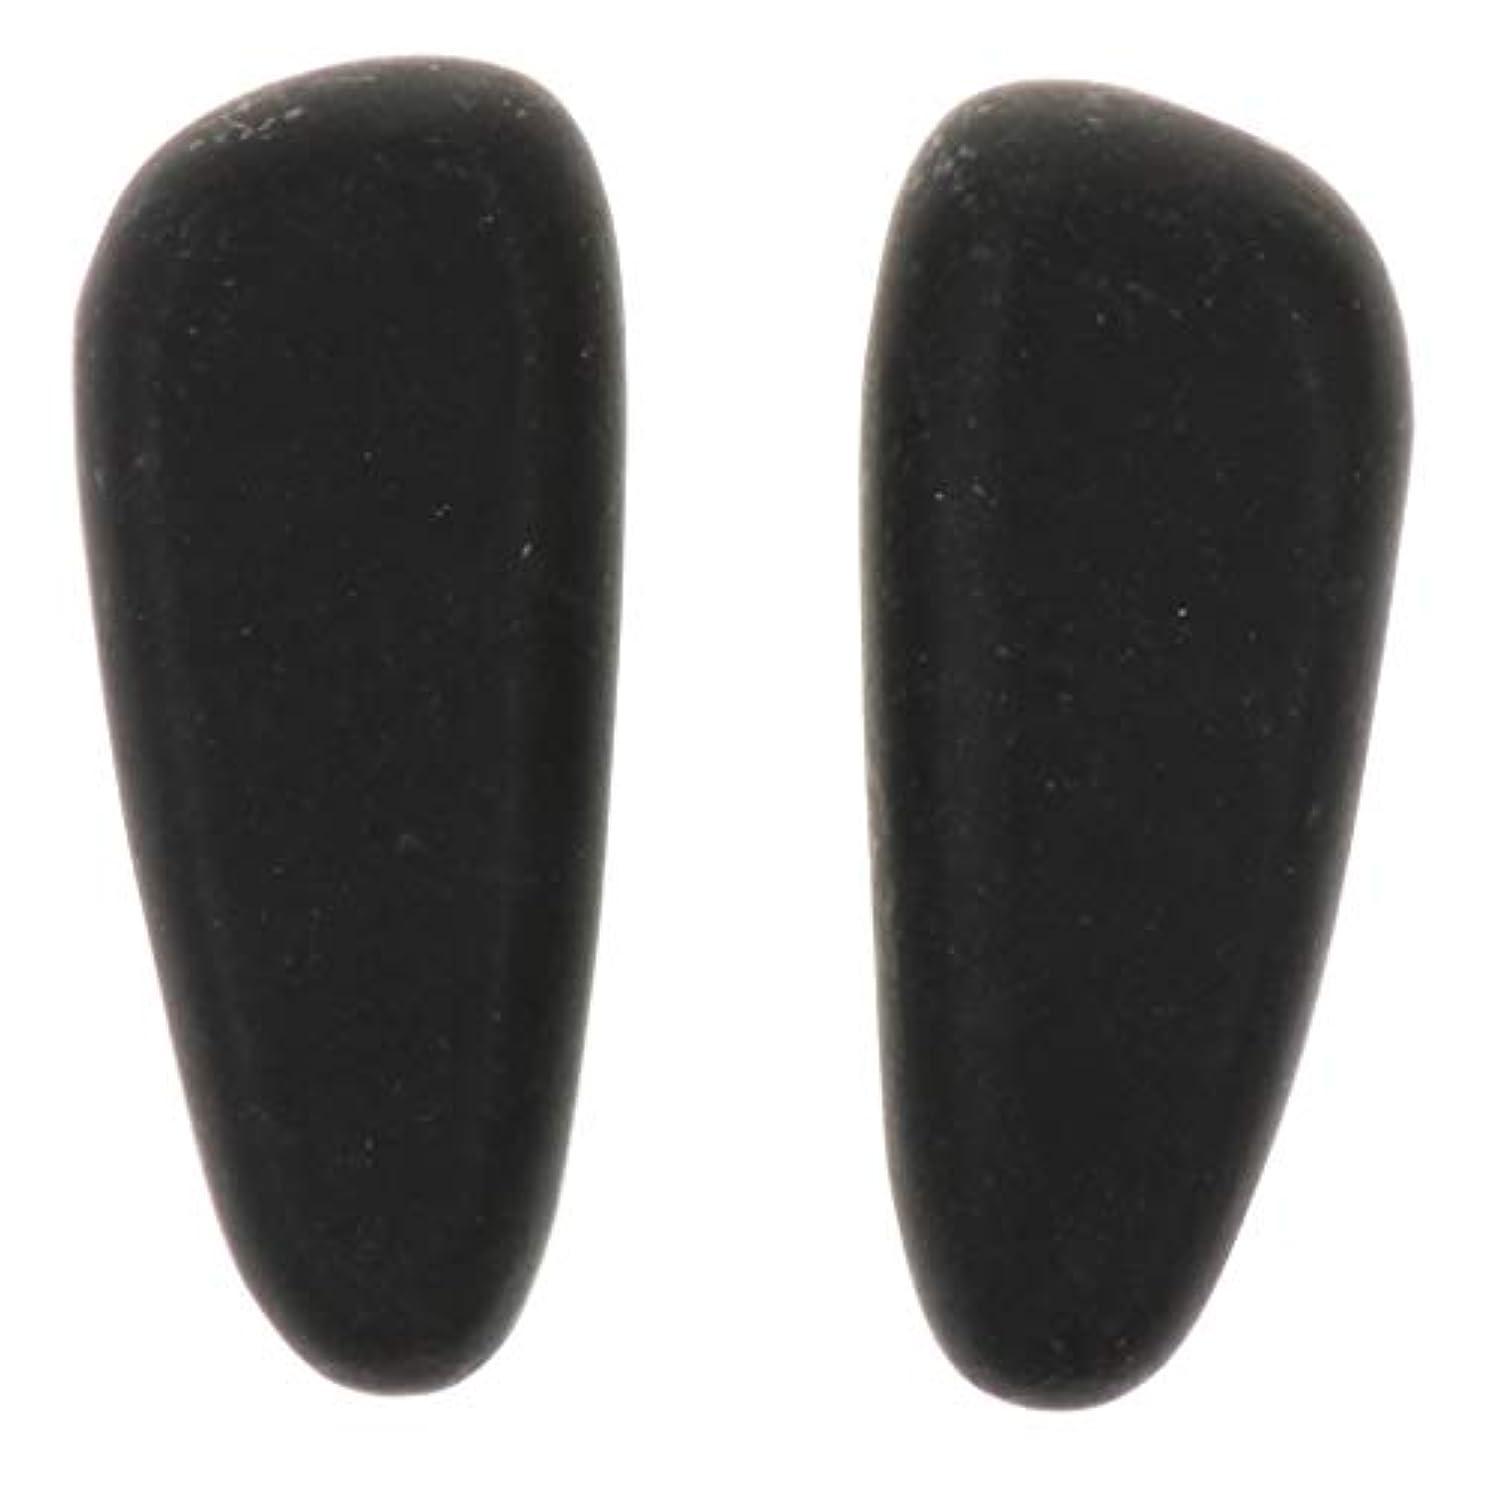 セール正規化ヨーグルトSM SunniMix 天然石ホットストーン マッサージ用玄武岩 マッサージストーン マッサージ石 ボディマッサージ 2個 全2サイズ - 8×3.2×2cm